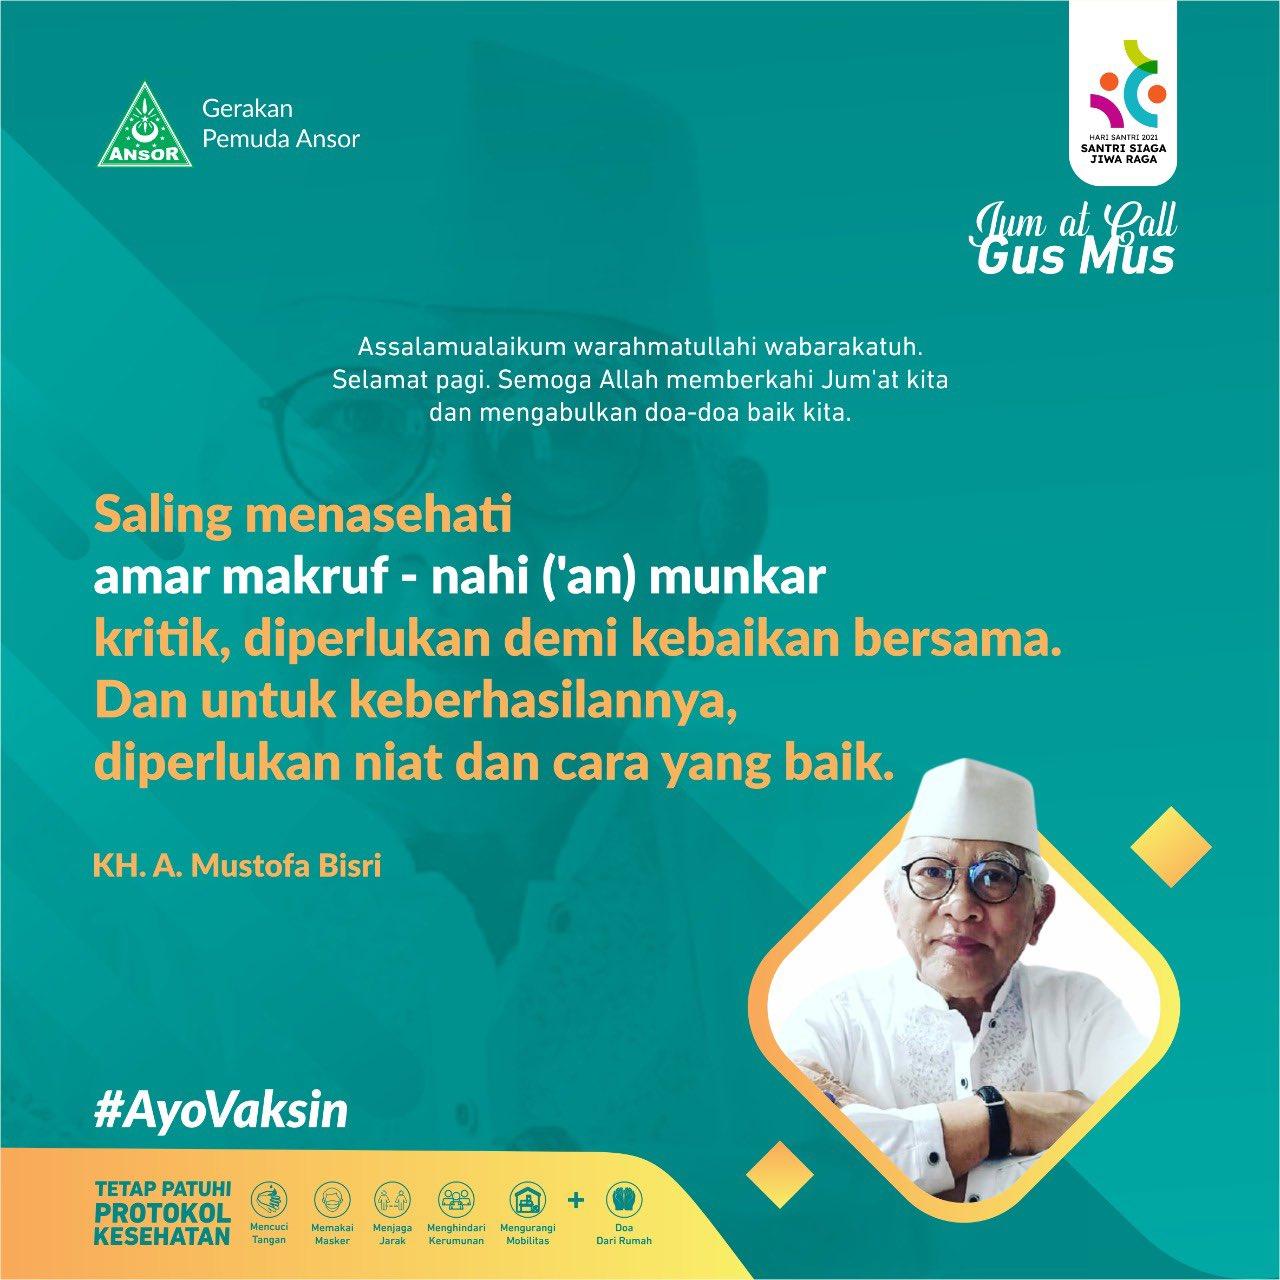 Gus Mus - Saling Menasehati Amar Makruf